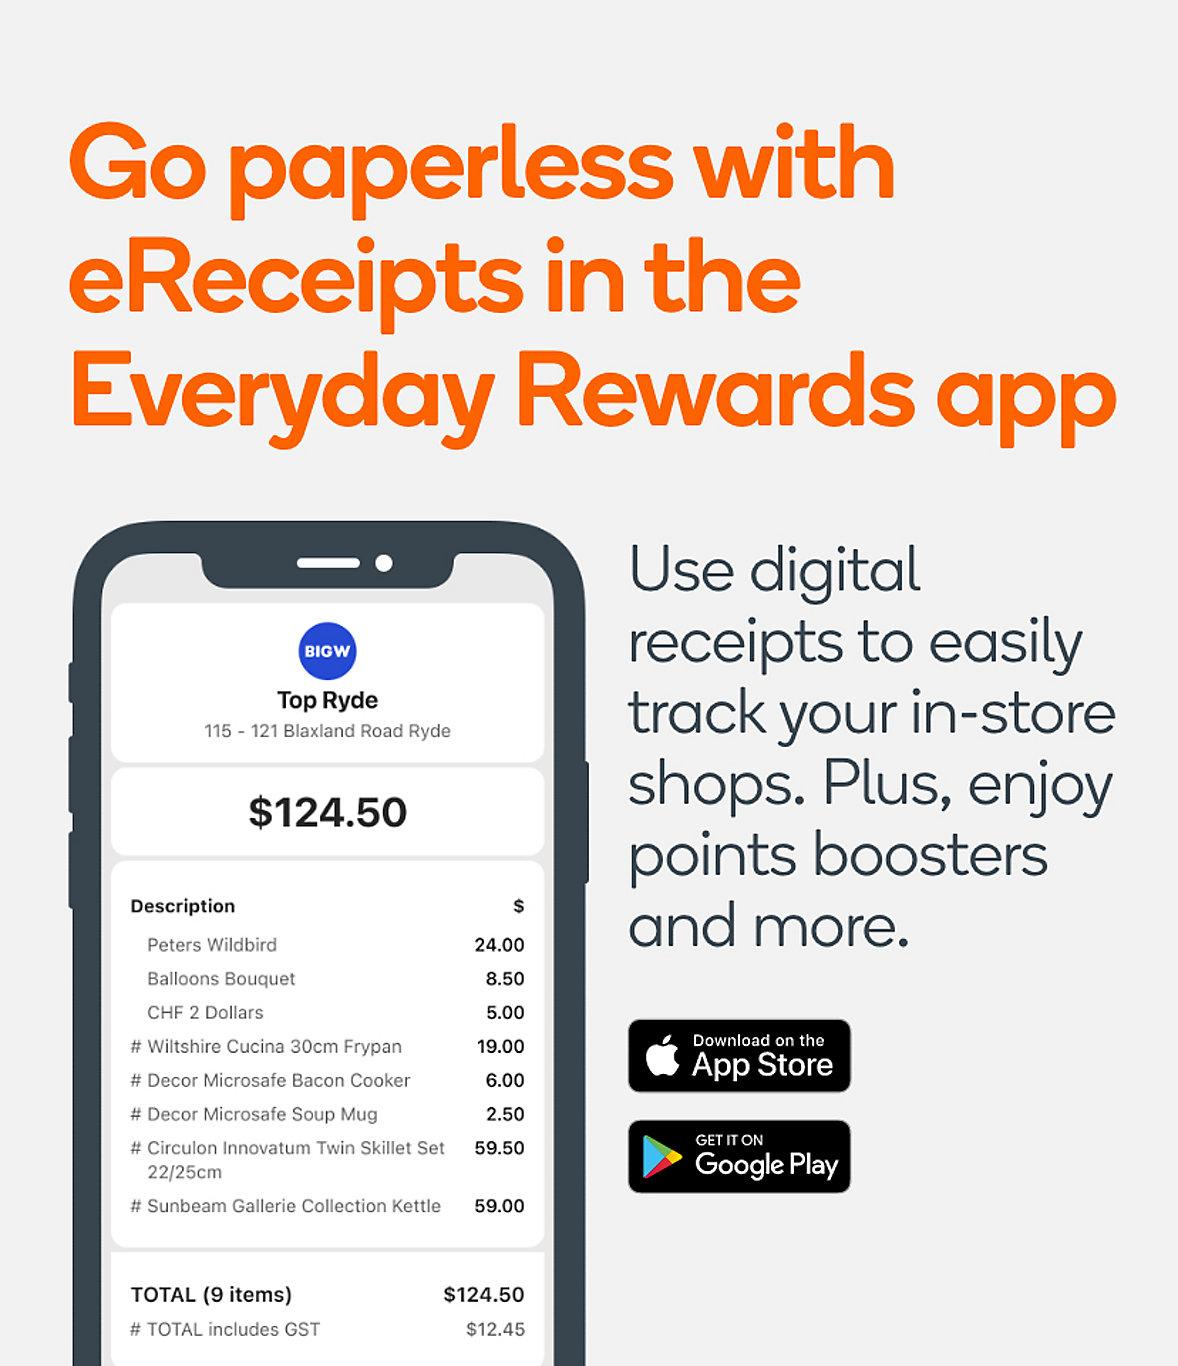 eReceipt in the Everyday Rewards App